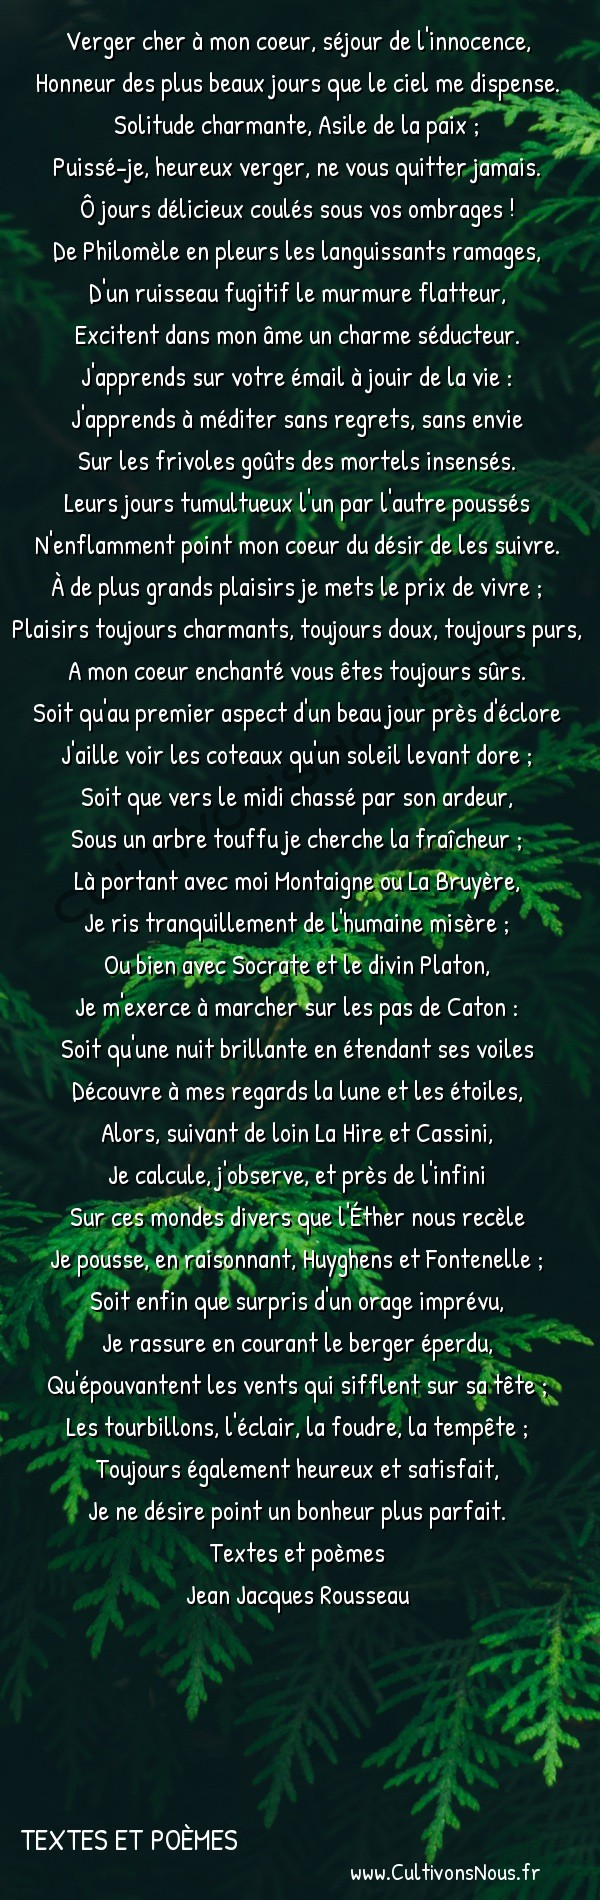 Poésie Jean Jacques Rousseau - textes et poèmes - Le verger de Mme de Warens -  Verger cher à mon coeur, séjour de l'innocence, Honneur des plus beaux jours que le ciel me dispense.